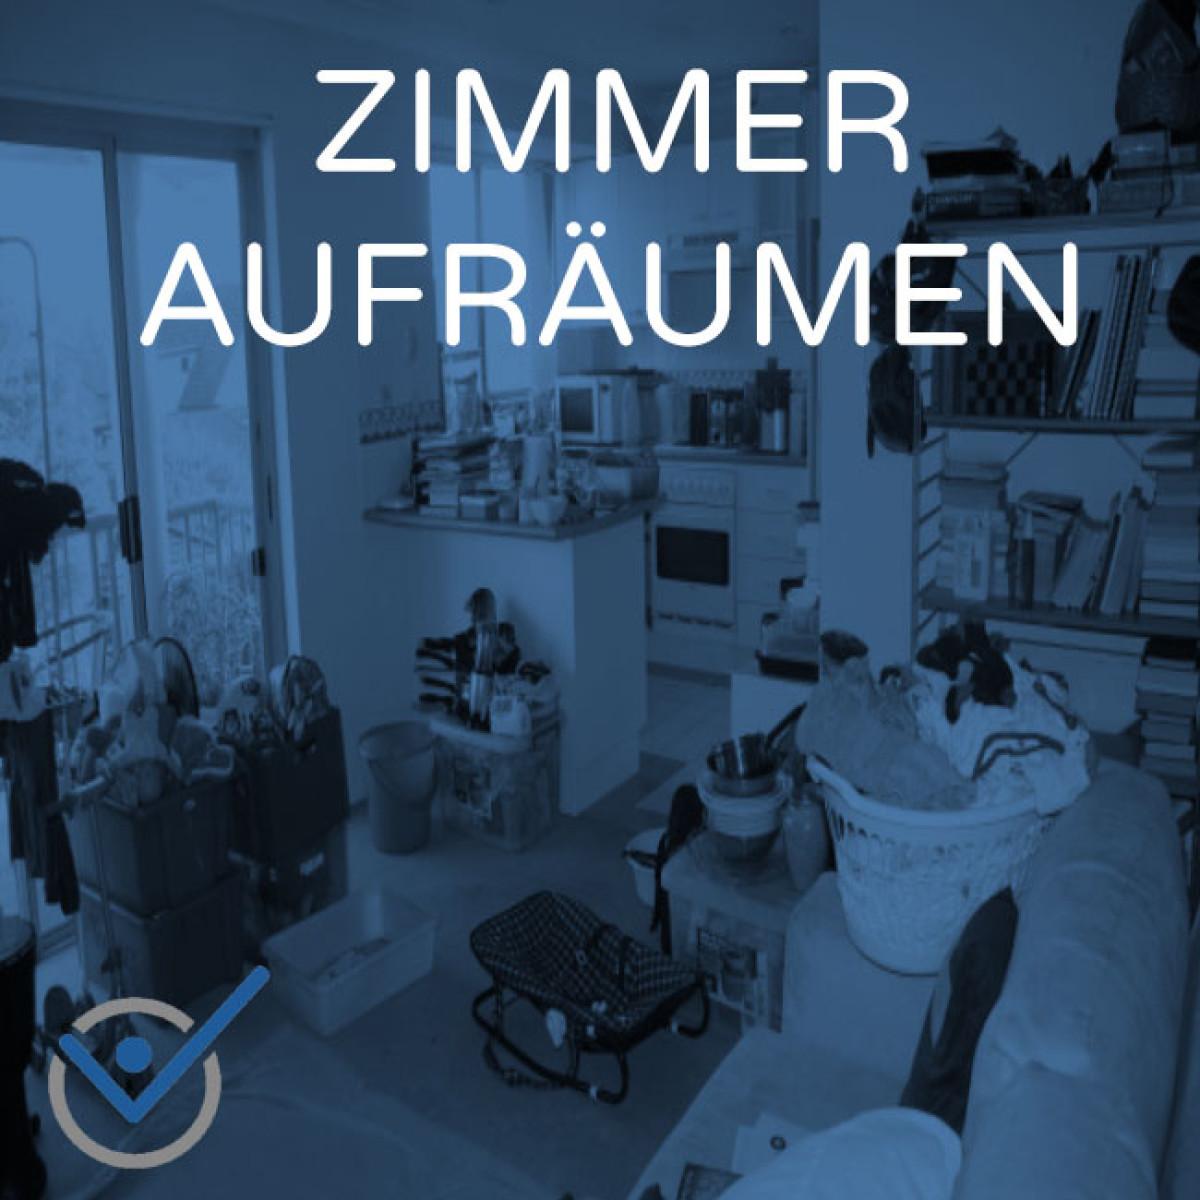 Zimmer aufr umen archives minimalismus aufr umen ordnung for Minimalismus im haushalt